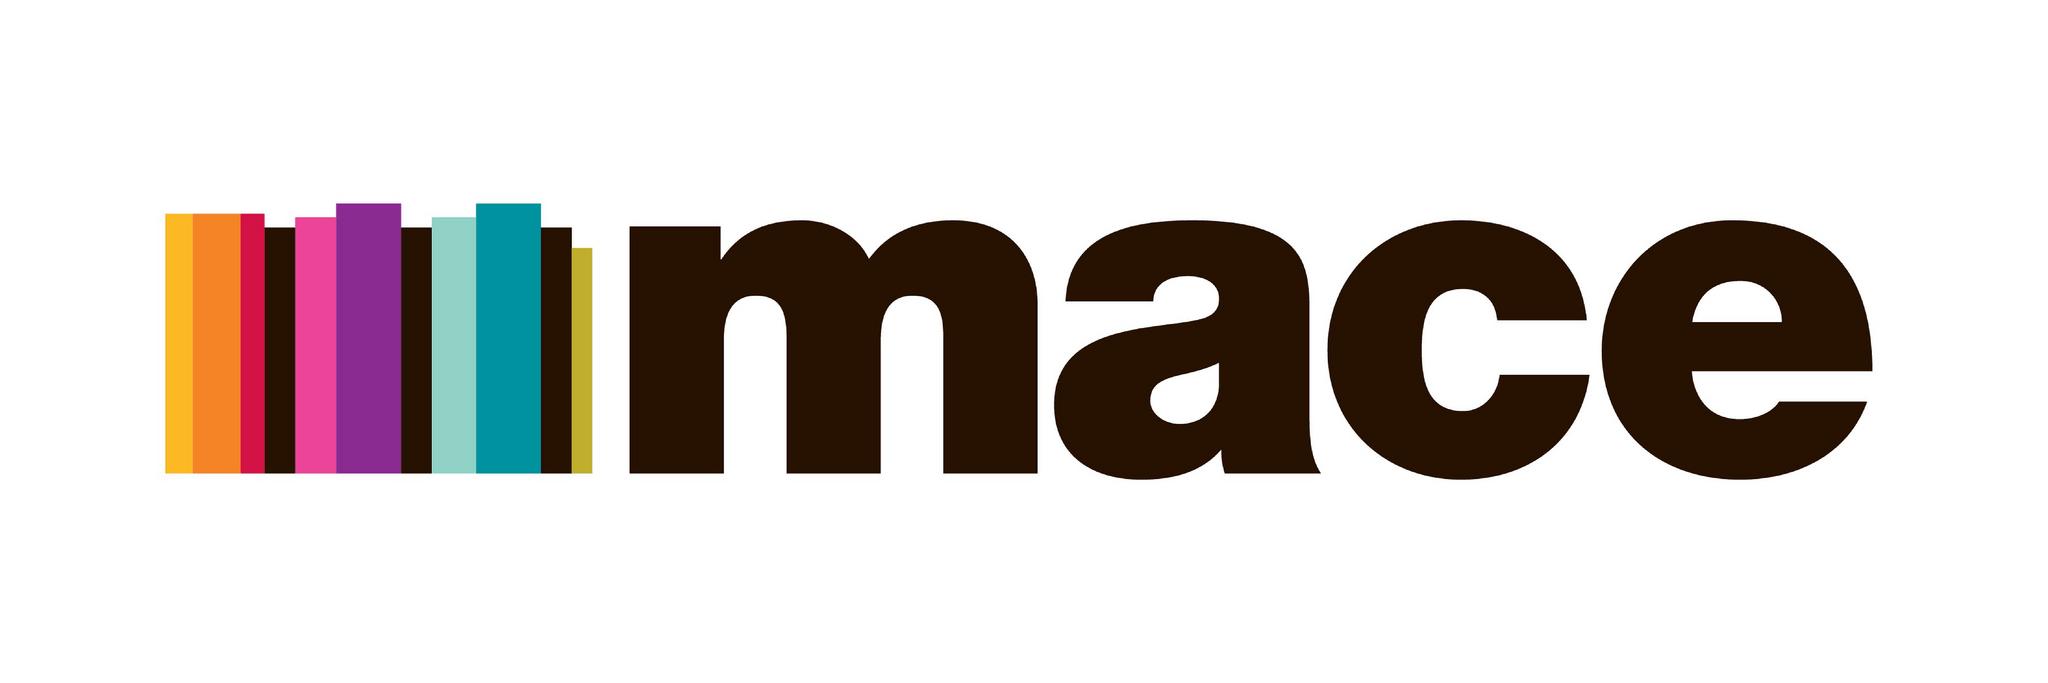 Mace-.jpg.png